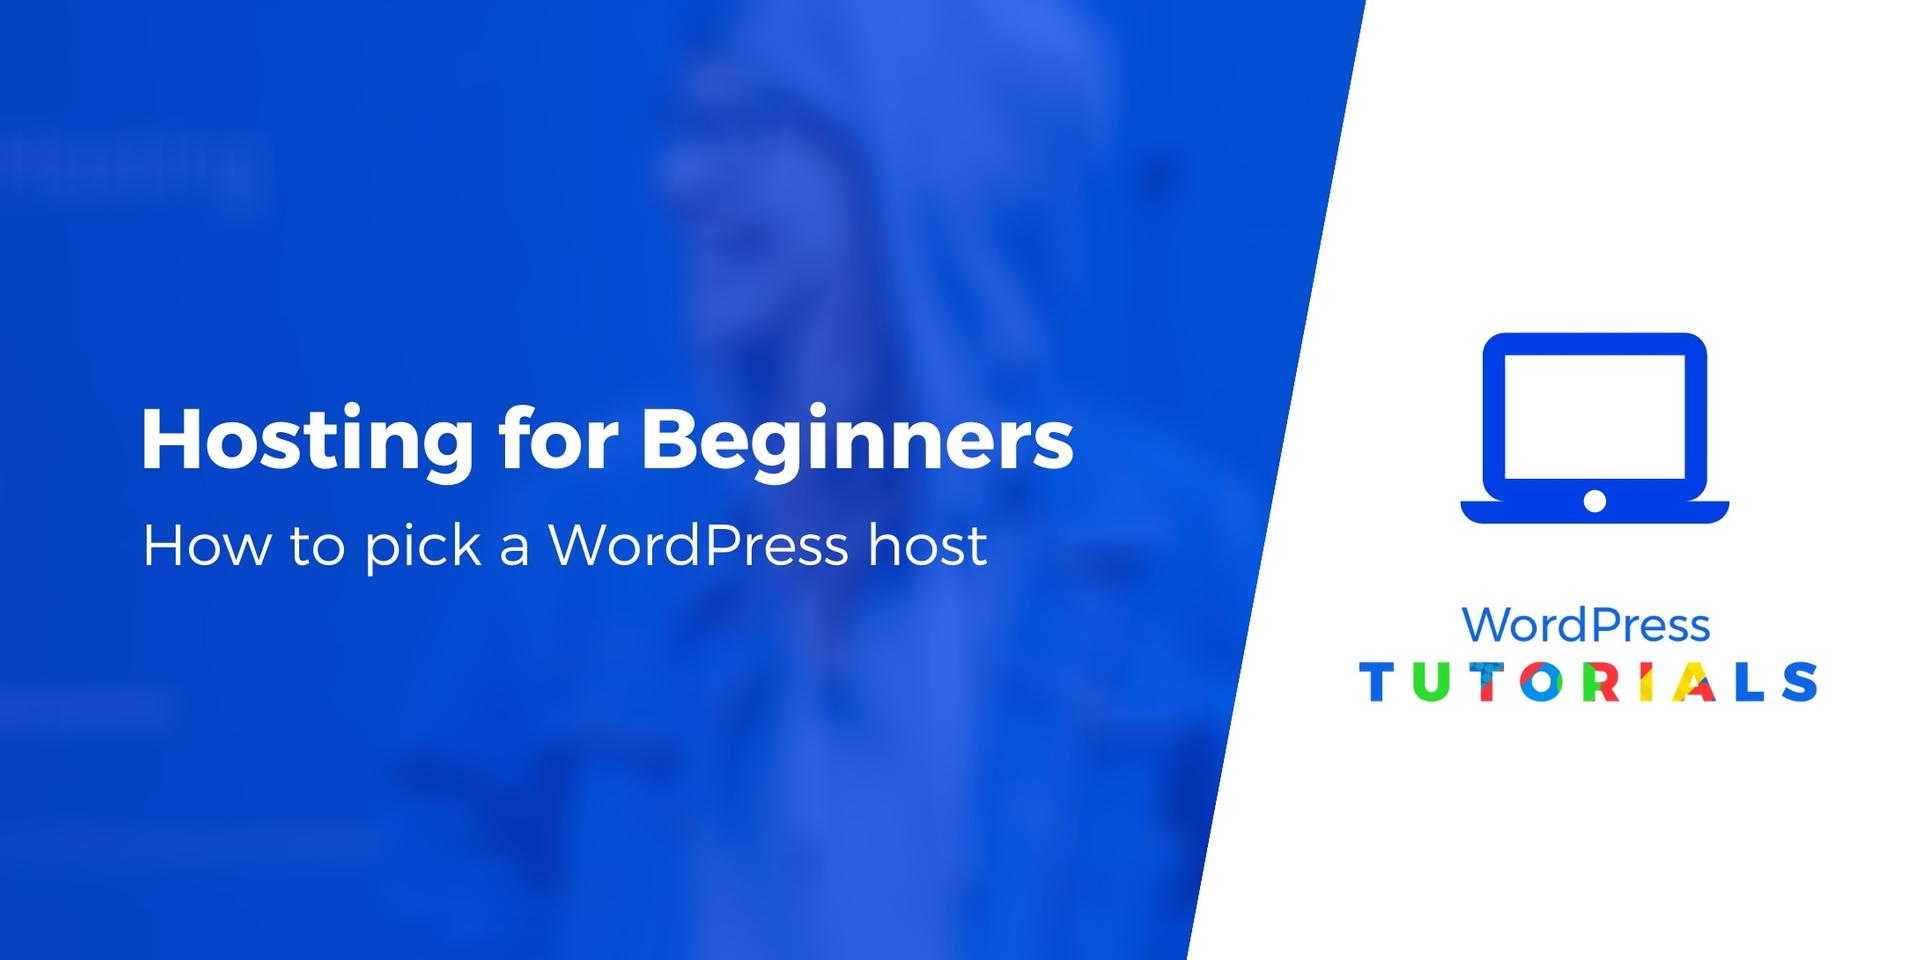 أفضل استضافة WordPress للمبتدئين: 5 خيارات مقارنة